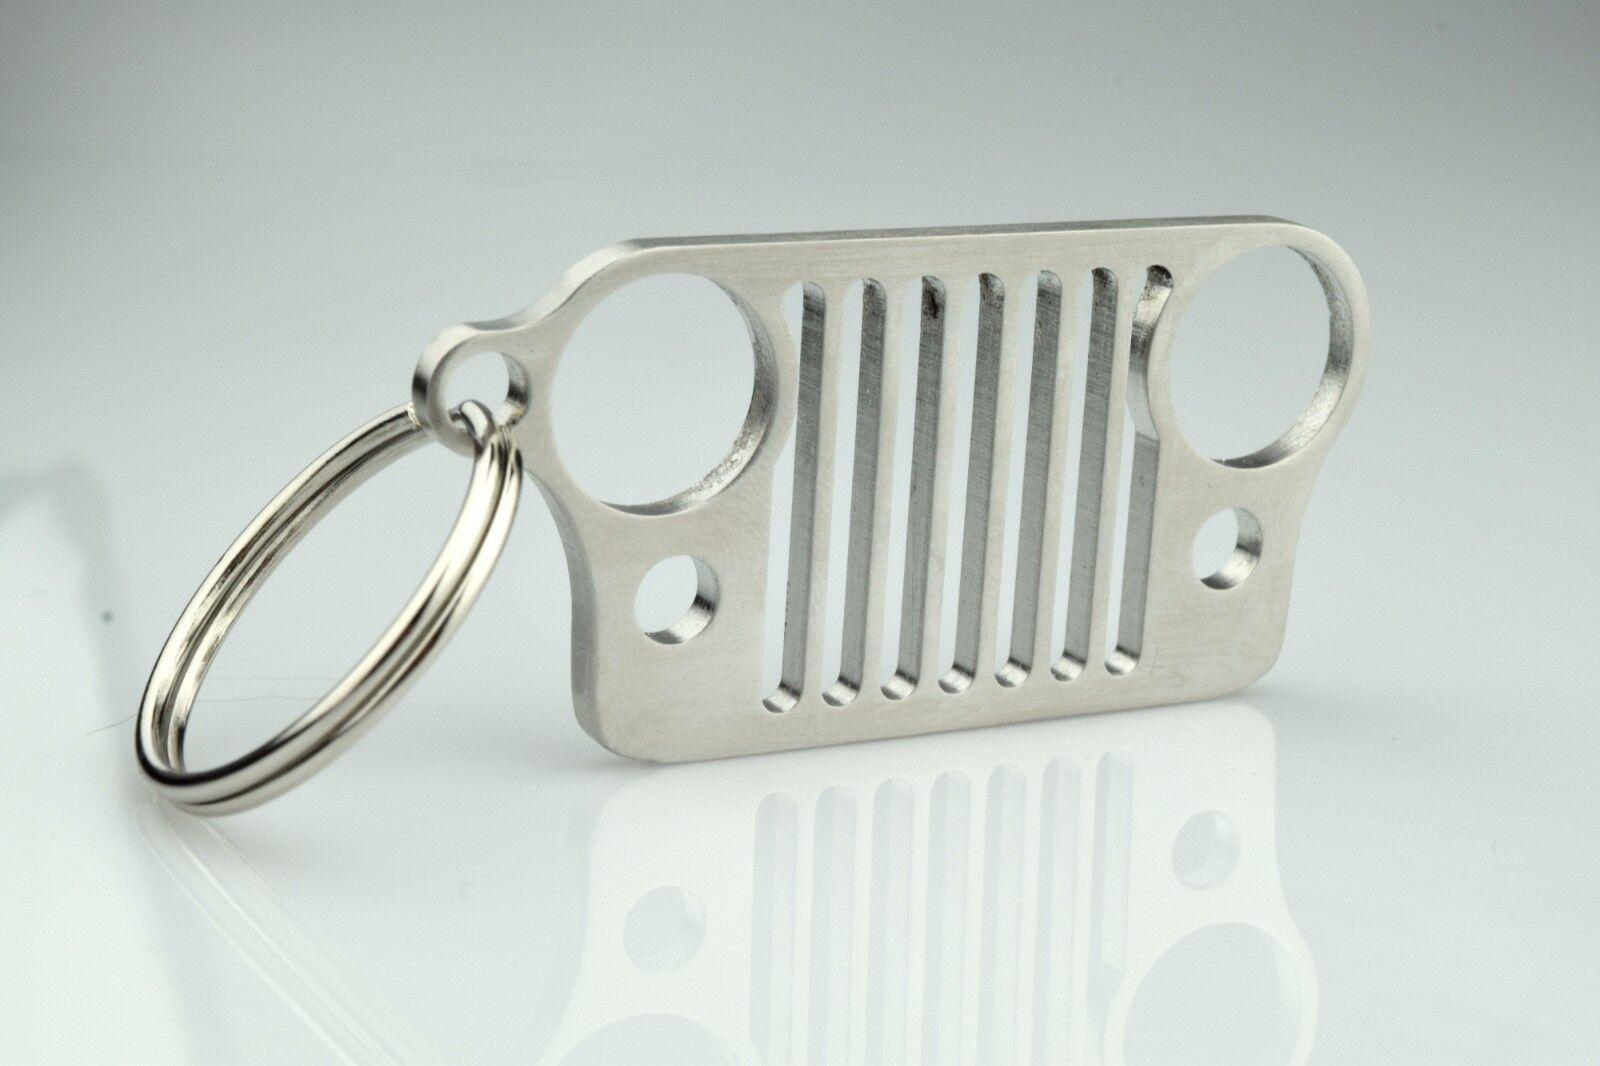 American Made Stainless Steel Jeep Grill Key Chain, KeyRing CJ, JK, TJ, YJ, XJ